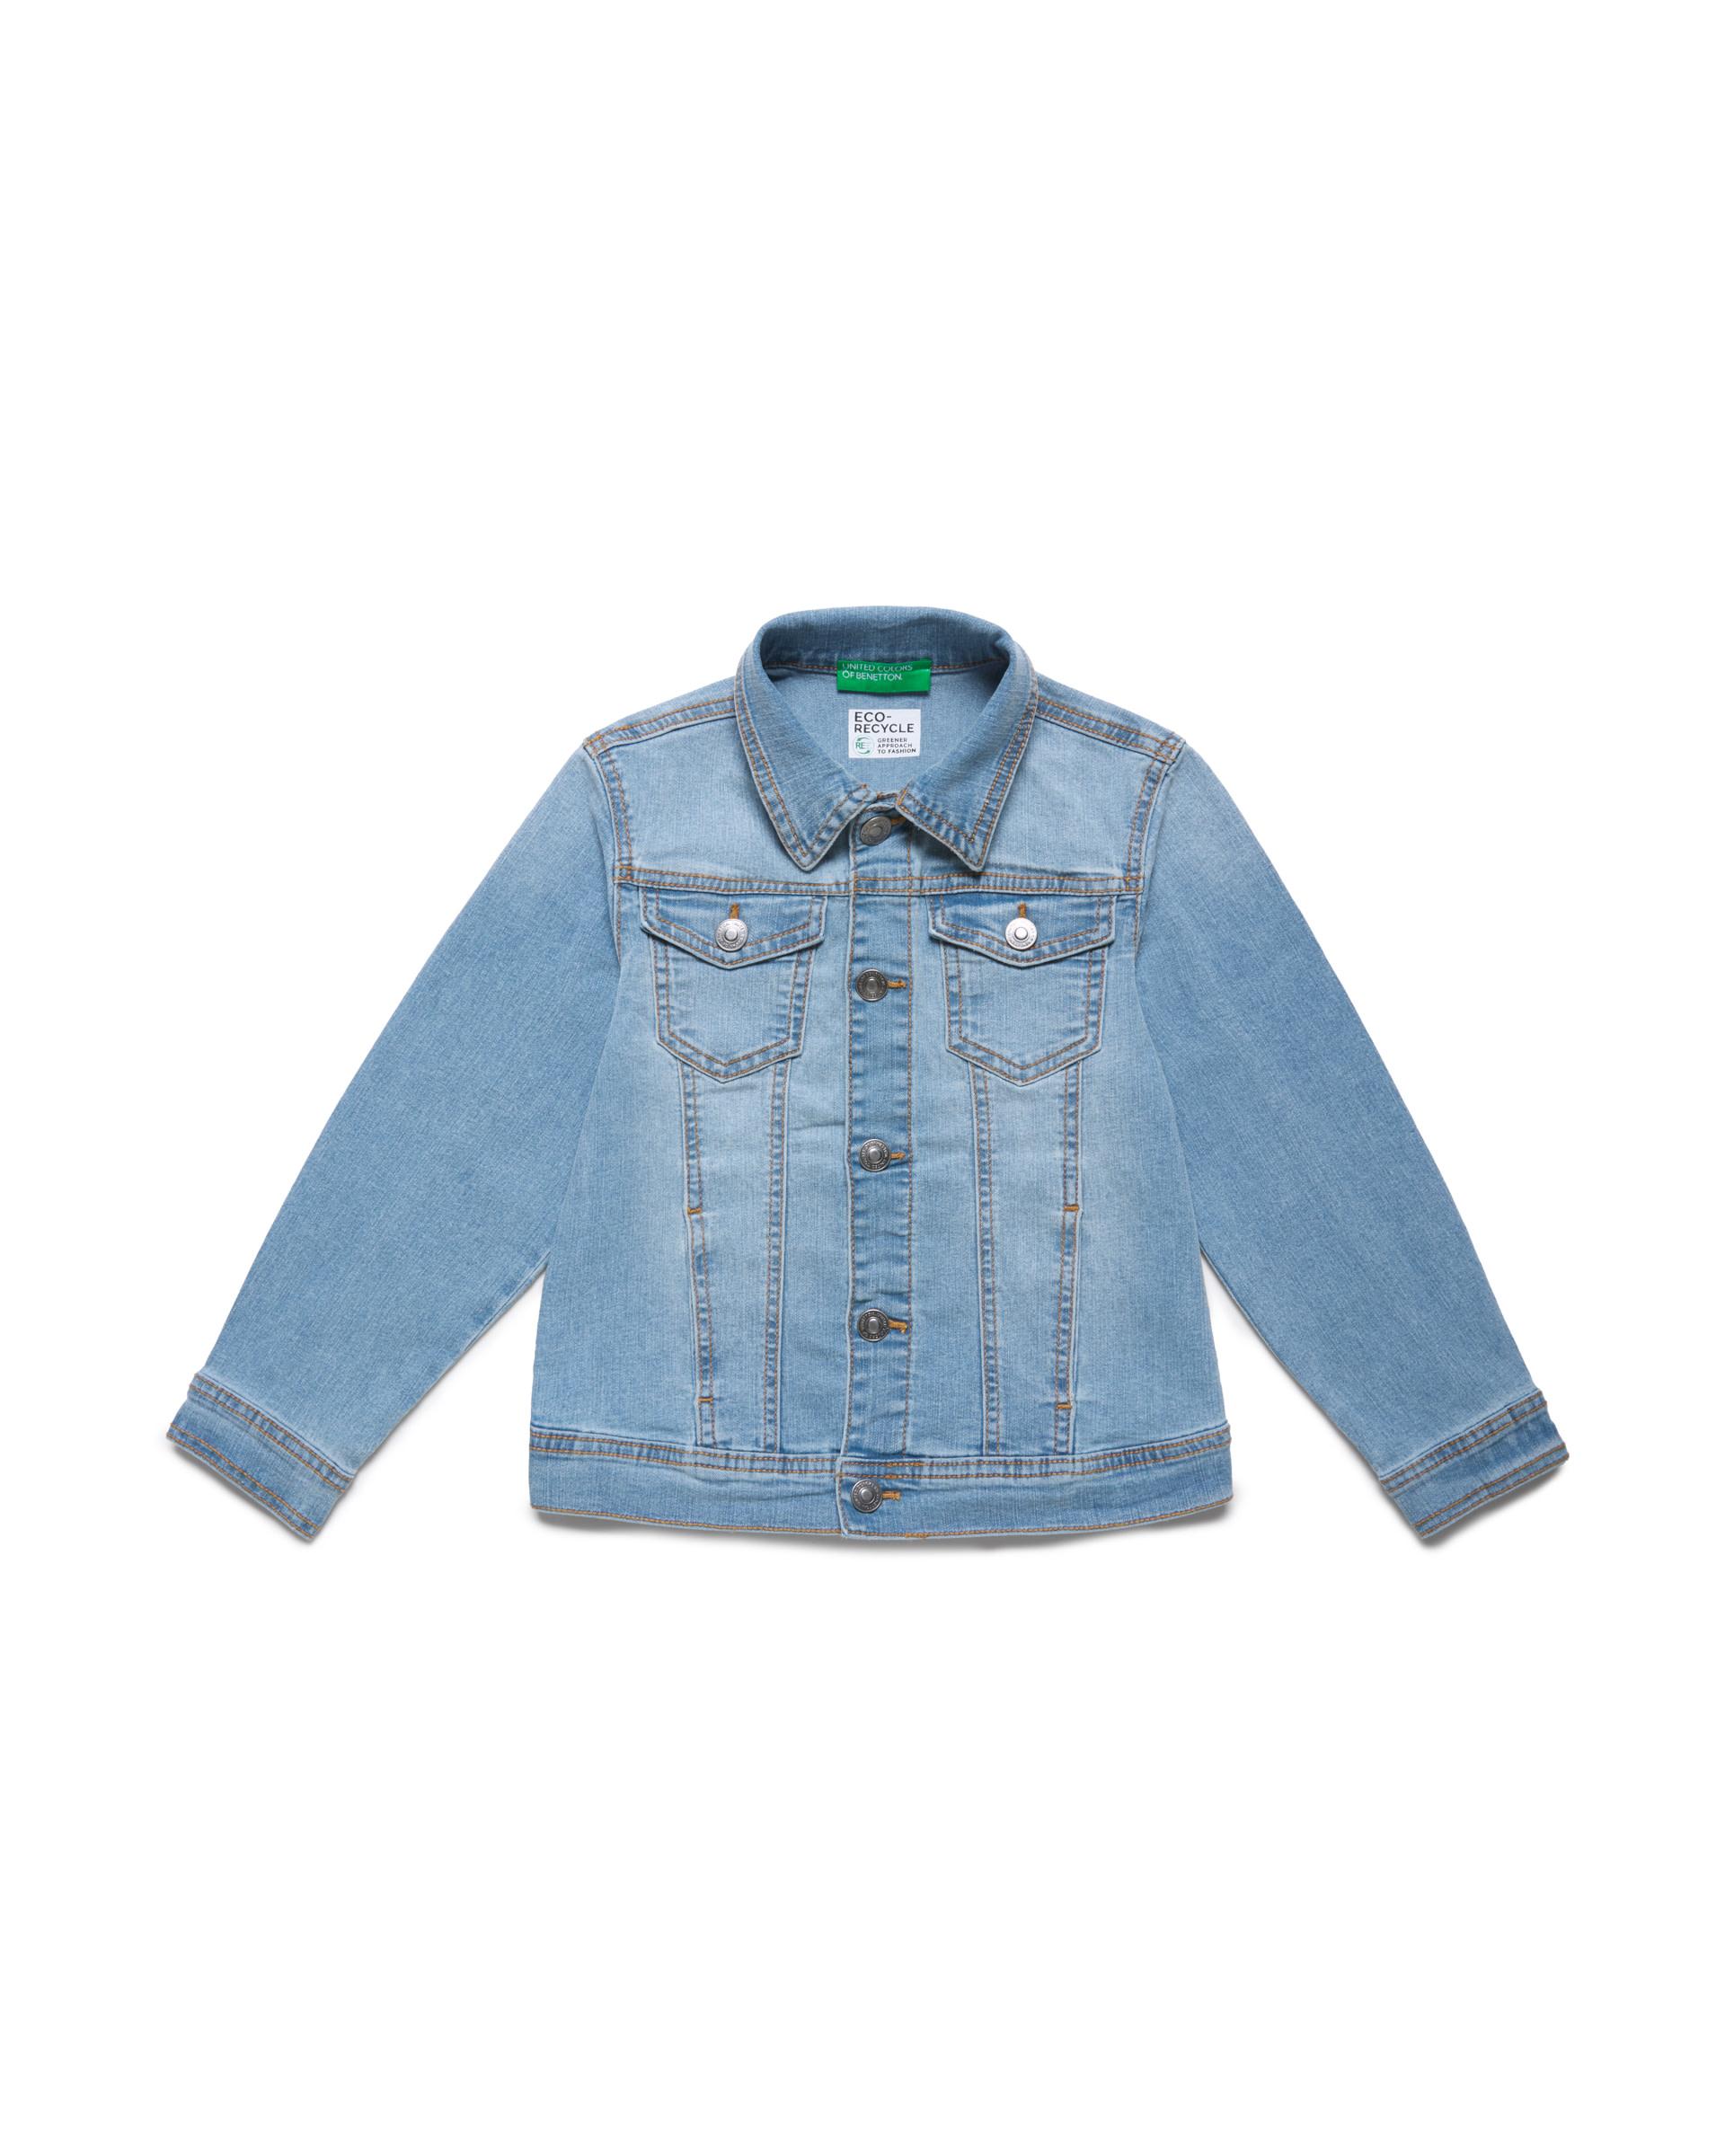 Купить 20P_2XA253HM0_902, Джинсовая куртка для мальчиков Benetton 2XA253HM0_902 р-р 128, United Colors of Benetton, Куртки для мальчиков